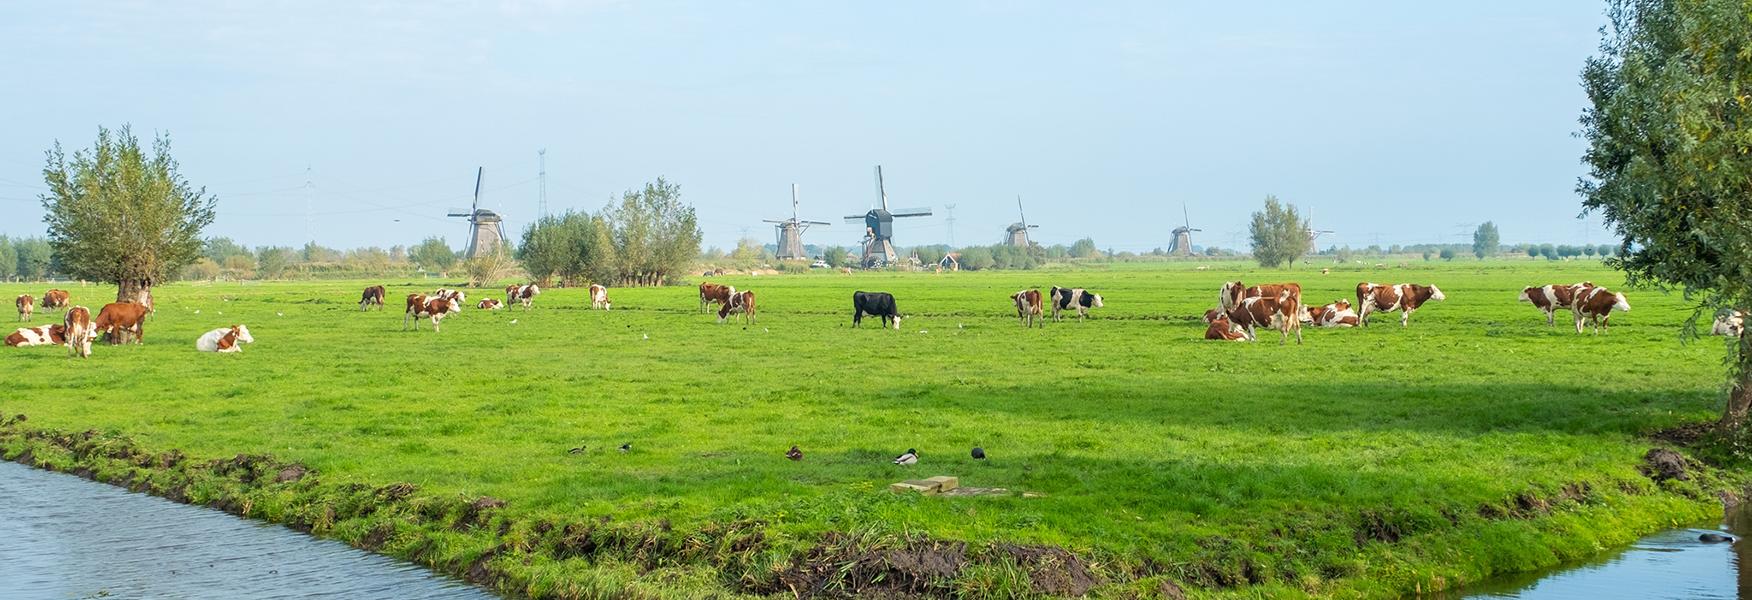 Sveiki atvykę į Nyderlandus